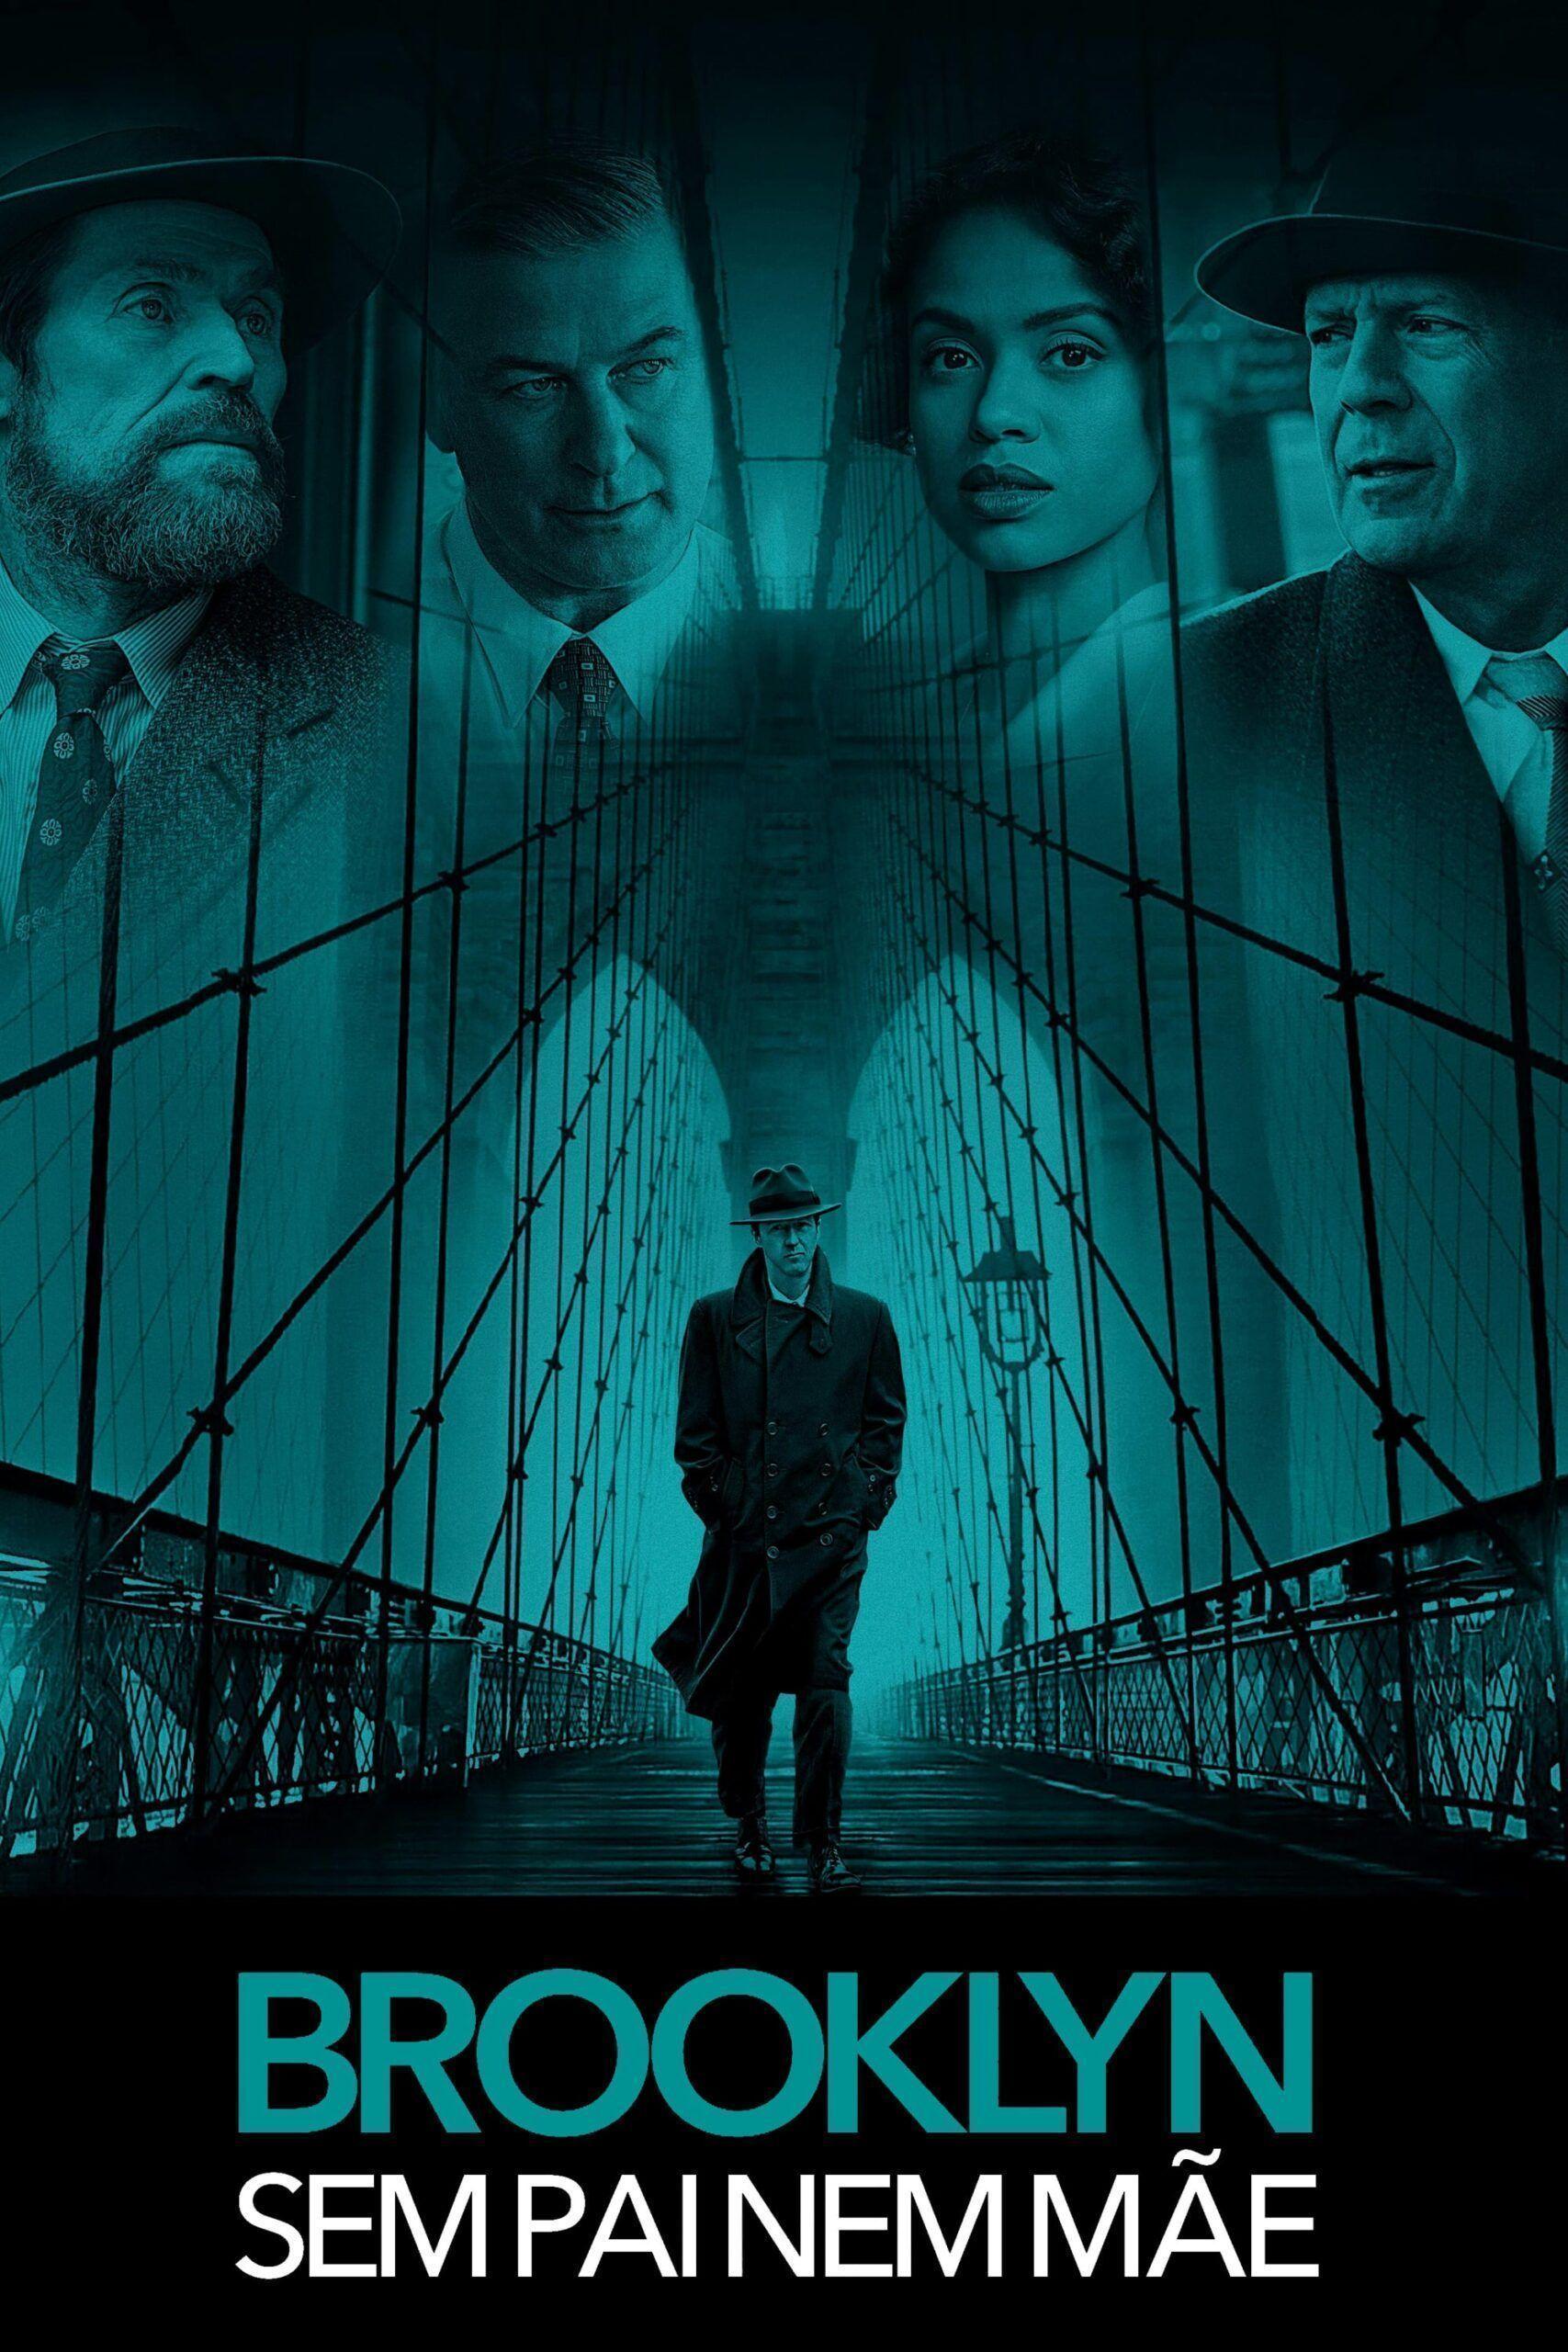 Mega Filmes Online Filmes Online Gratis Assistir Filmes Online Mega Filmes Online Brooklyn Filme Filmes Online Assistir